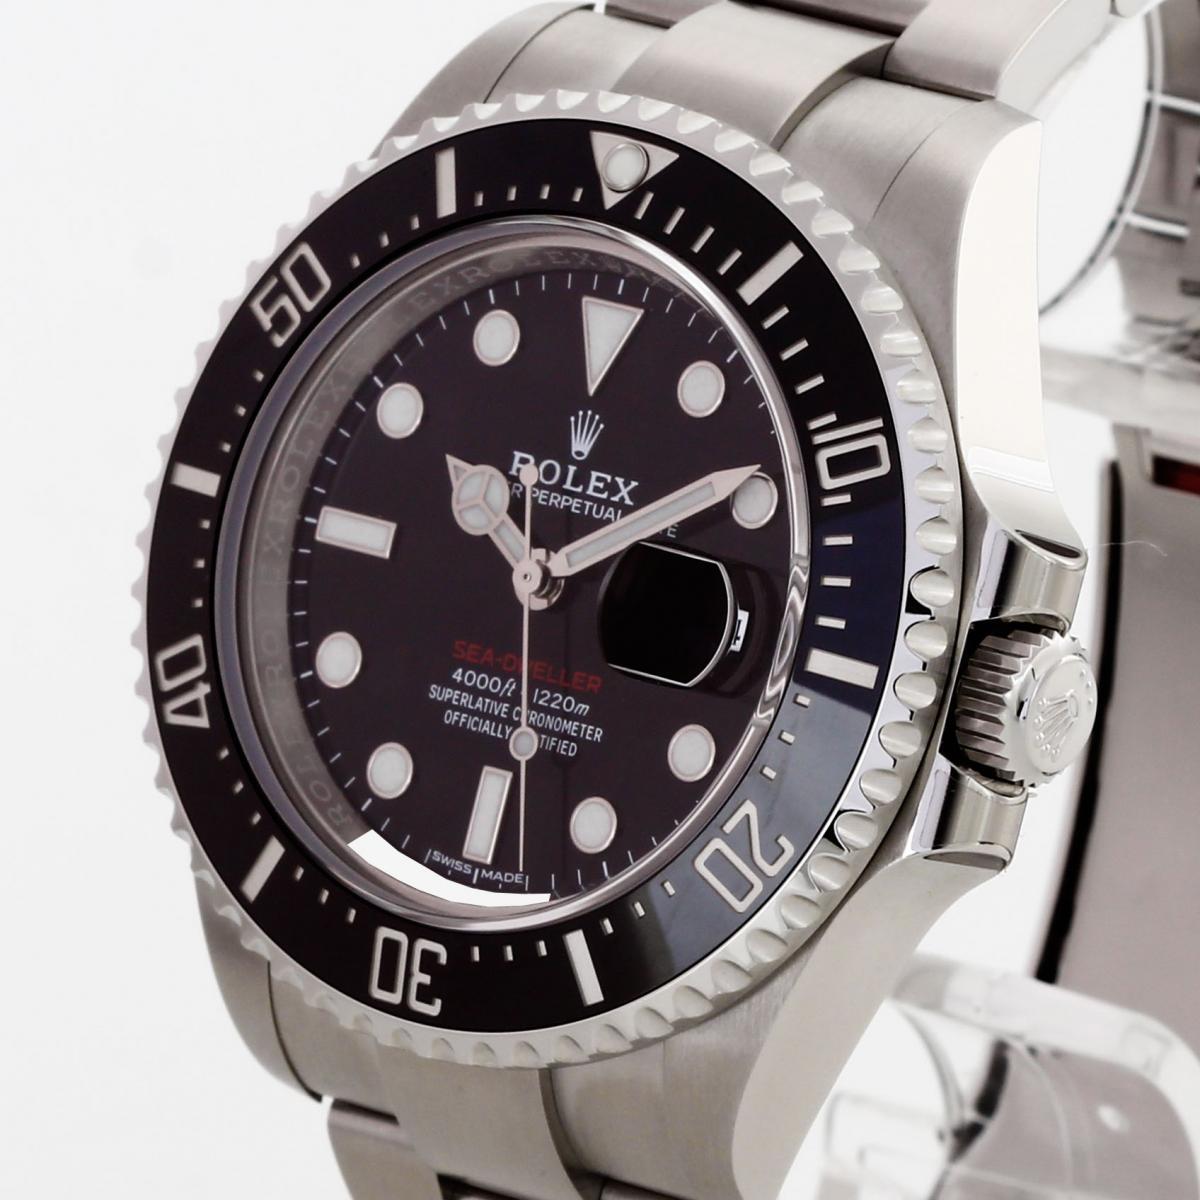 Rolex Oyster Perpetual Date Sea Dweller Red Ref 126600 Eu 2018